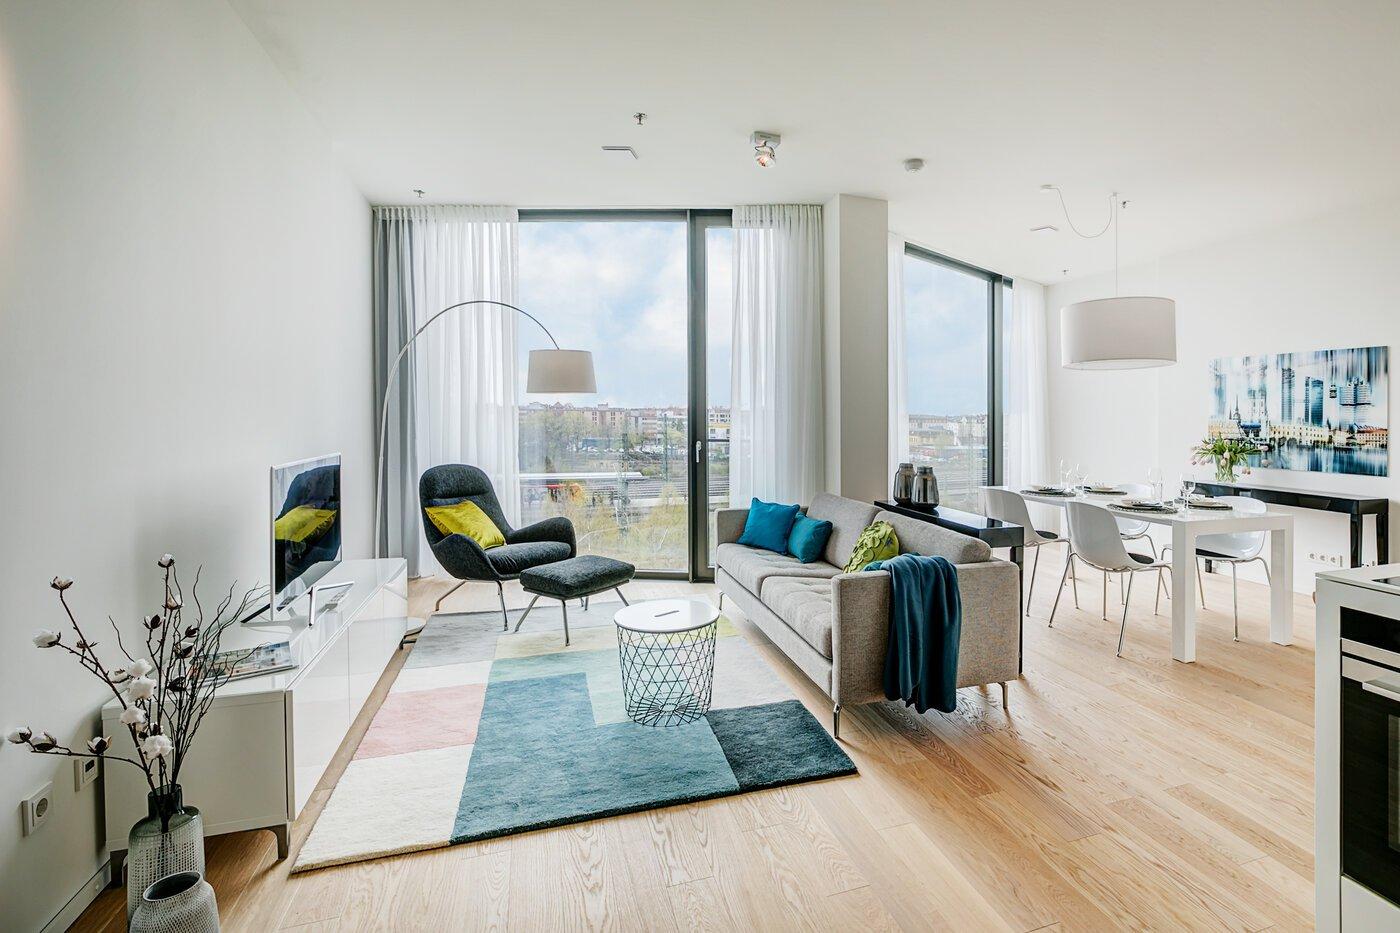 1 5 zimmer wohnung m bliert concierge m nchen nymphenburg 10533. Black Bedroom Furniture Sets. Home Design Ideas